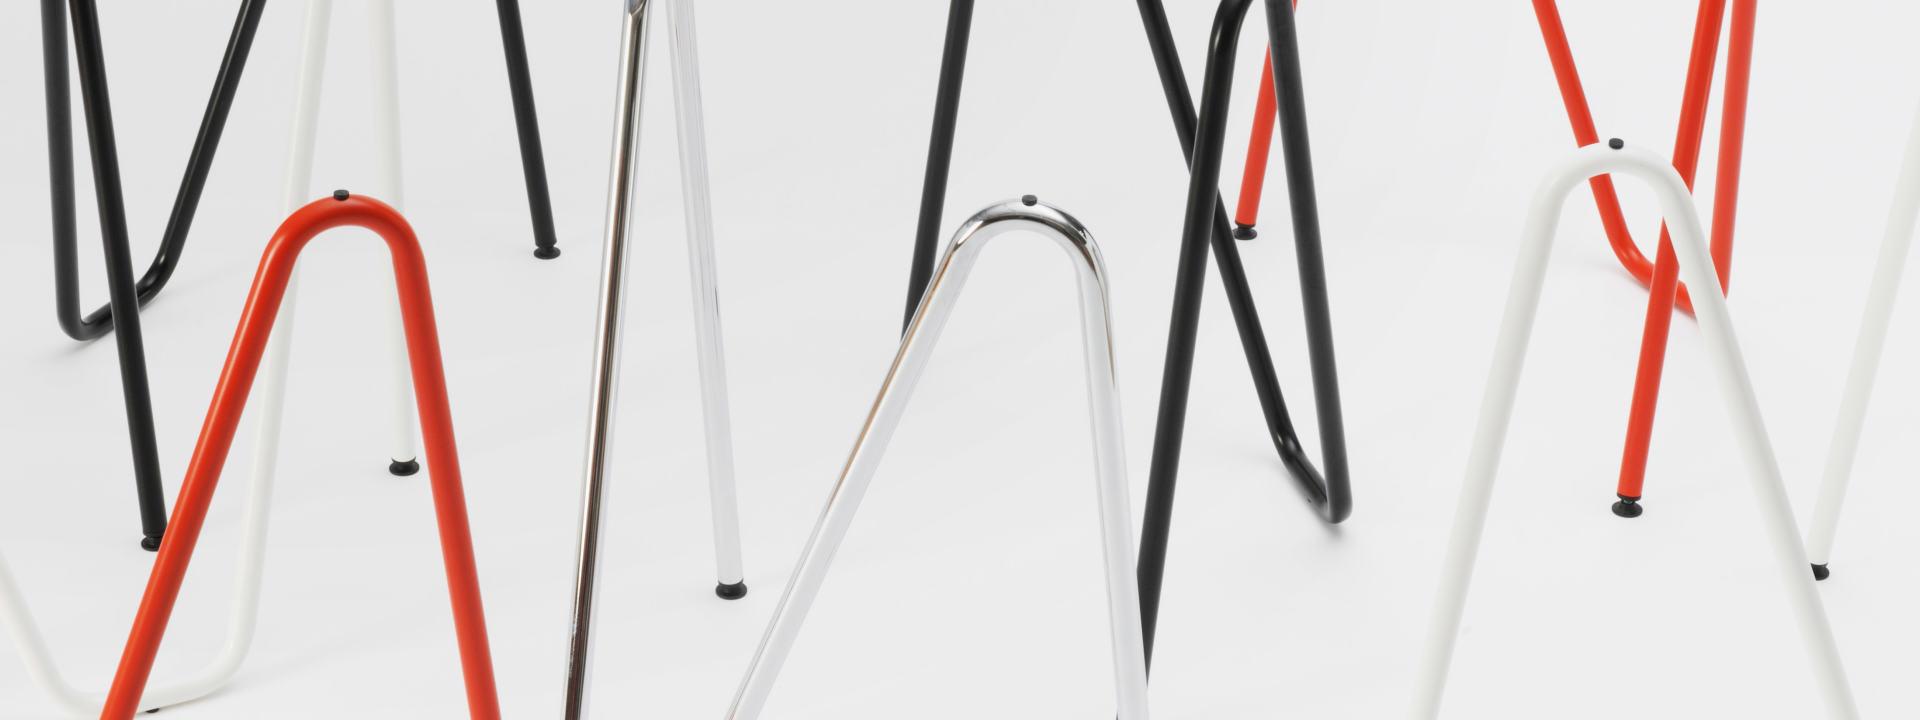 Sinus Tischbock (2 Stück), Tische & Gestelle, Tischgestelle, Tischgestell, Tischbeine